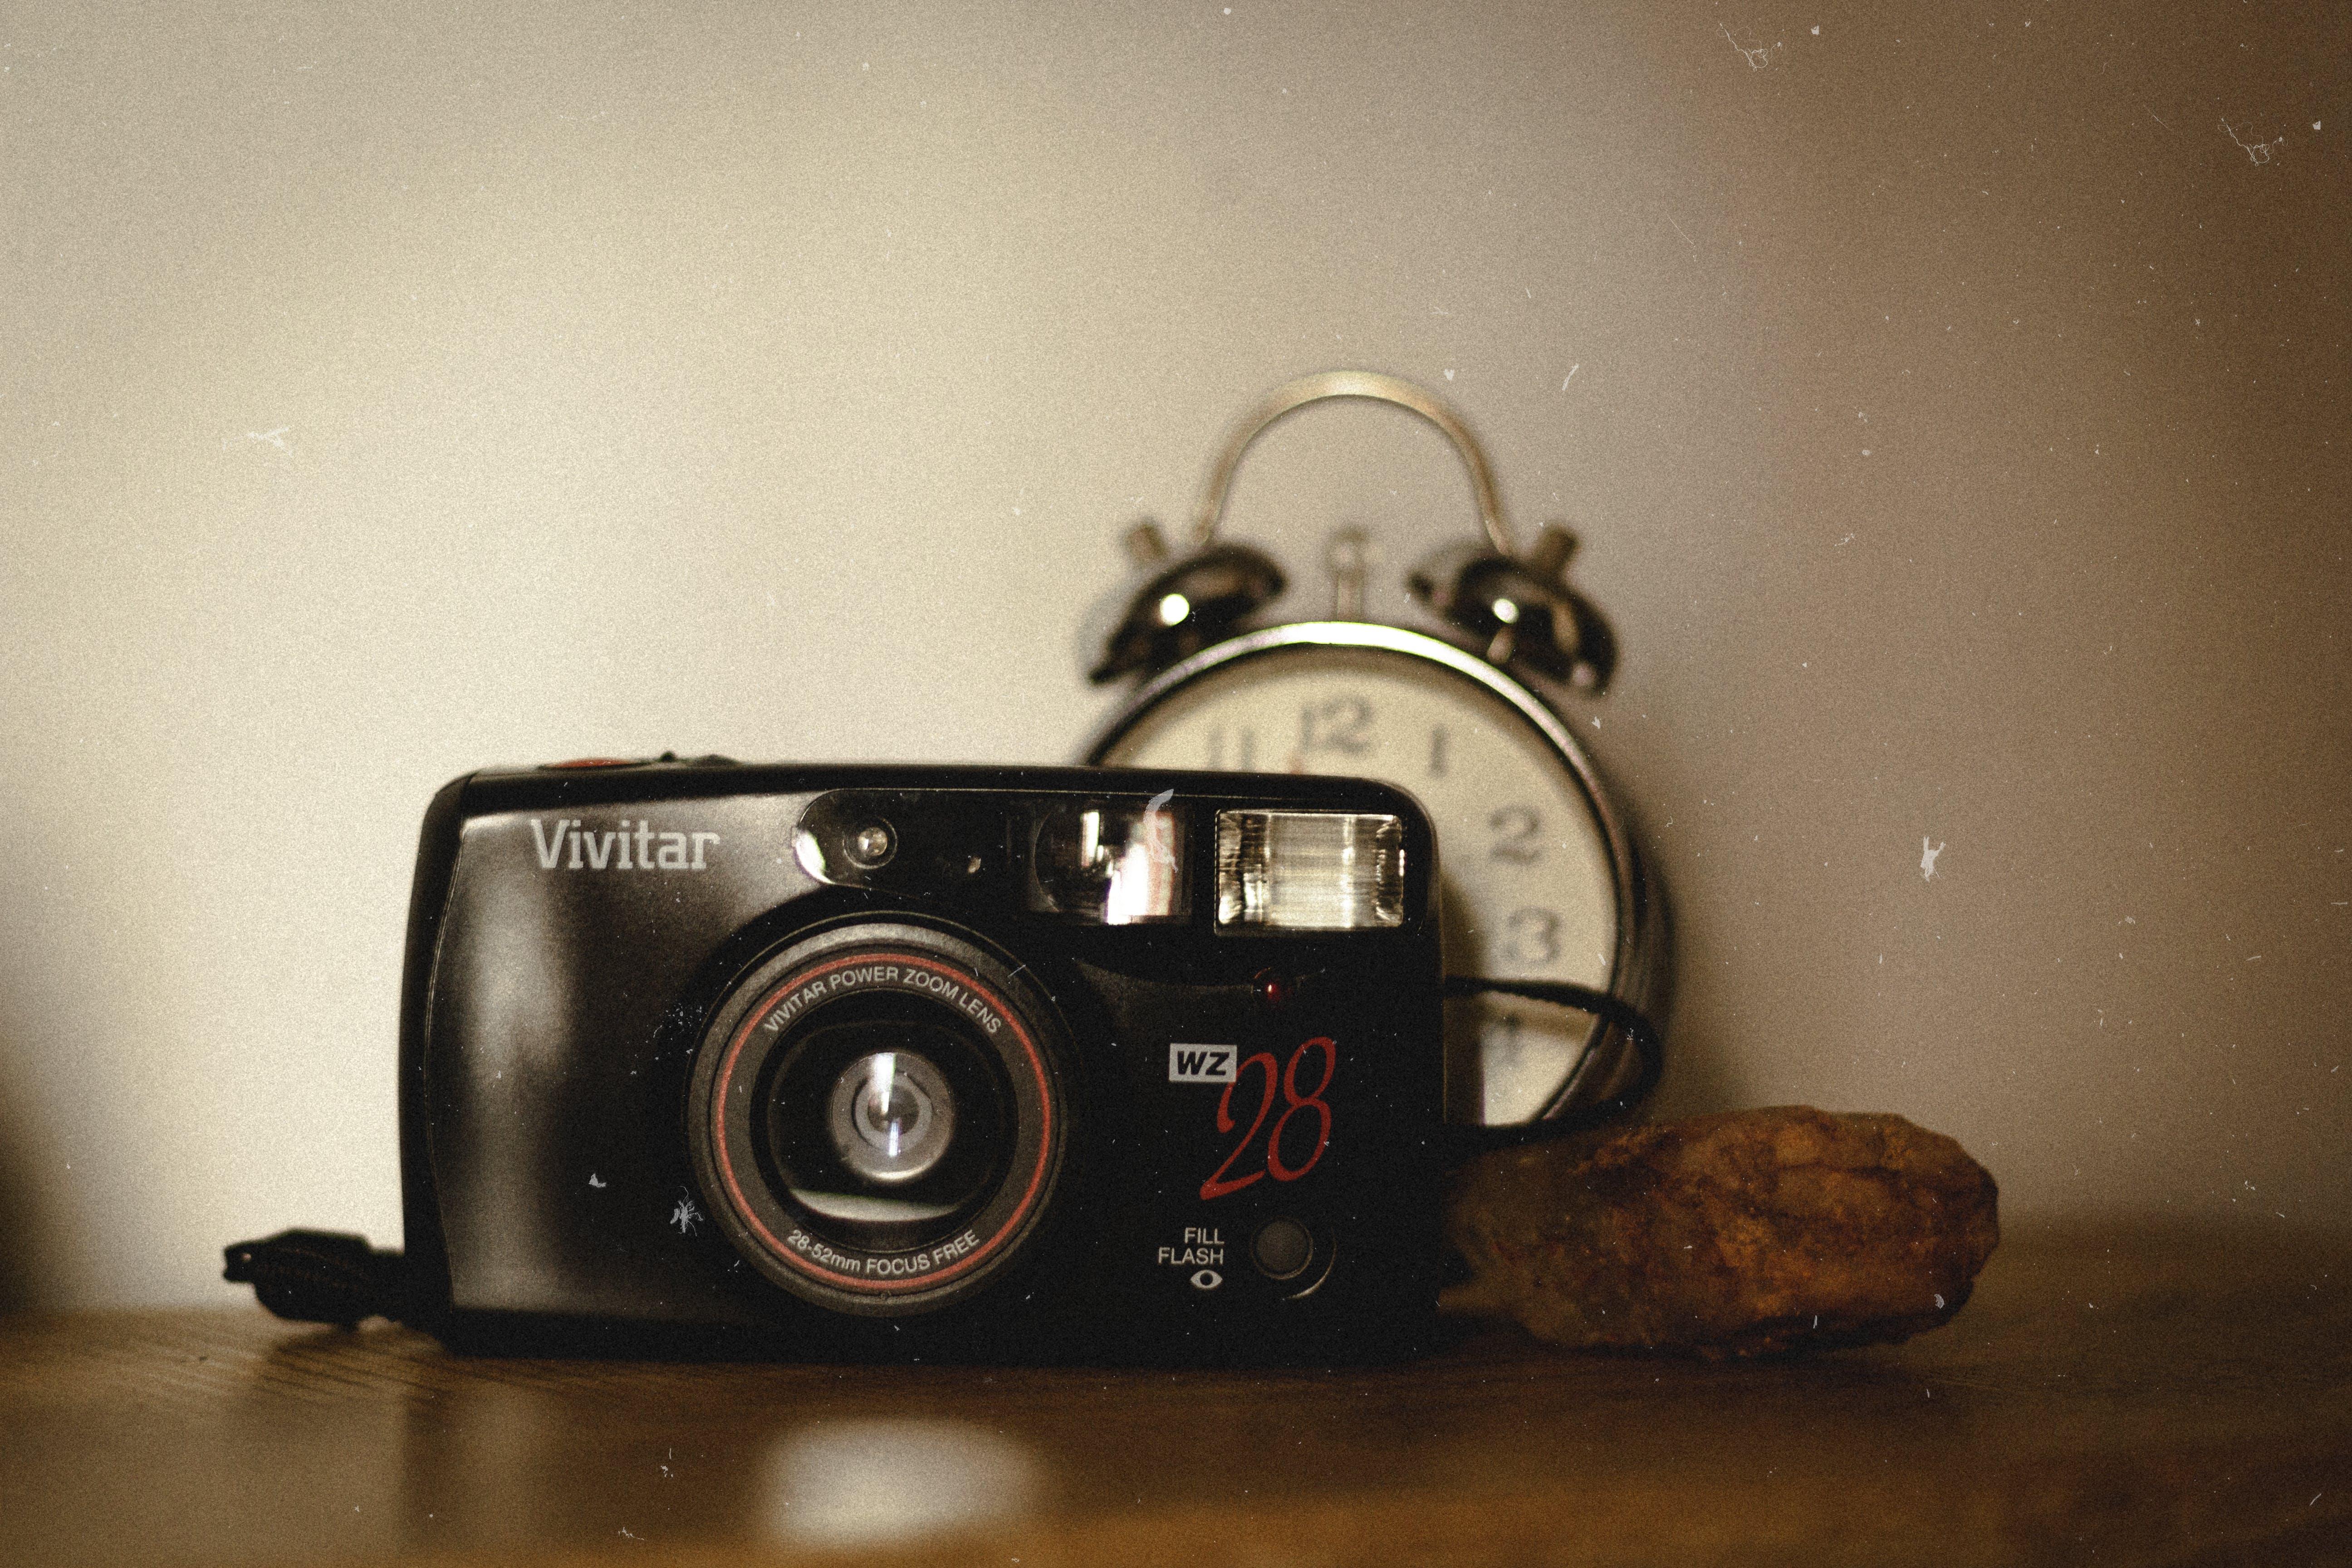 Immagine gratuita di Analogico, classico, fotocamera, macchina fotografica vintage